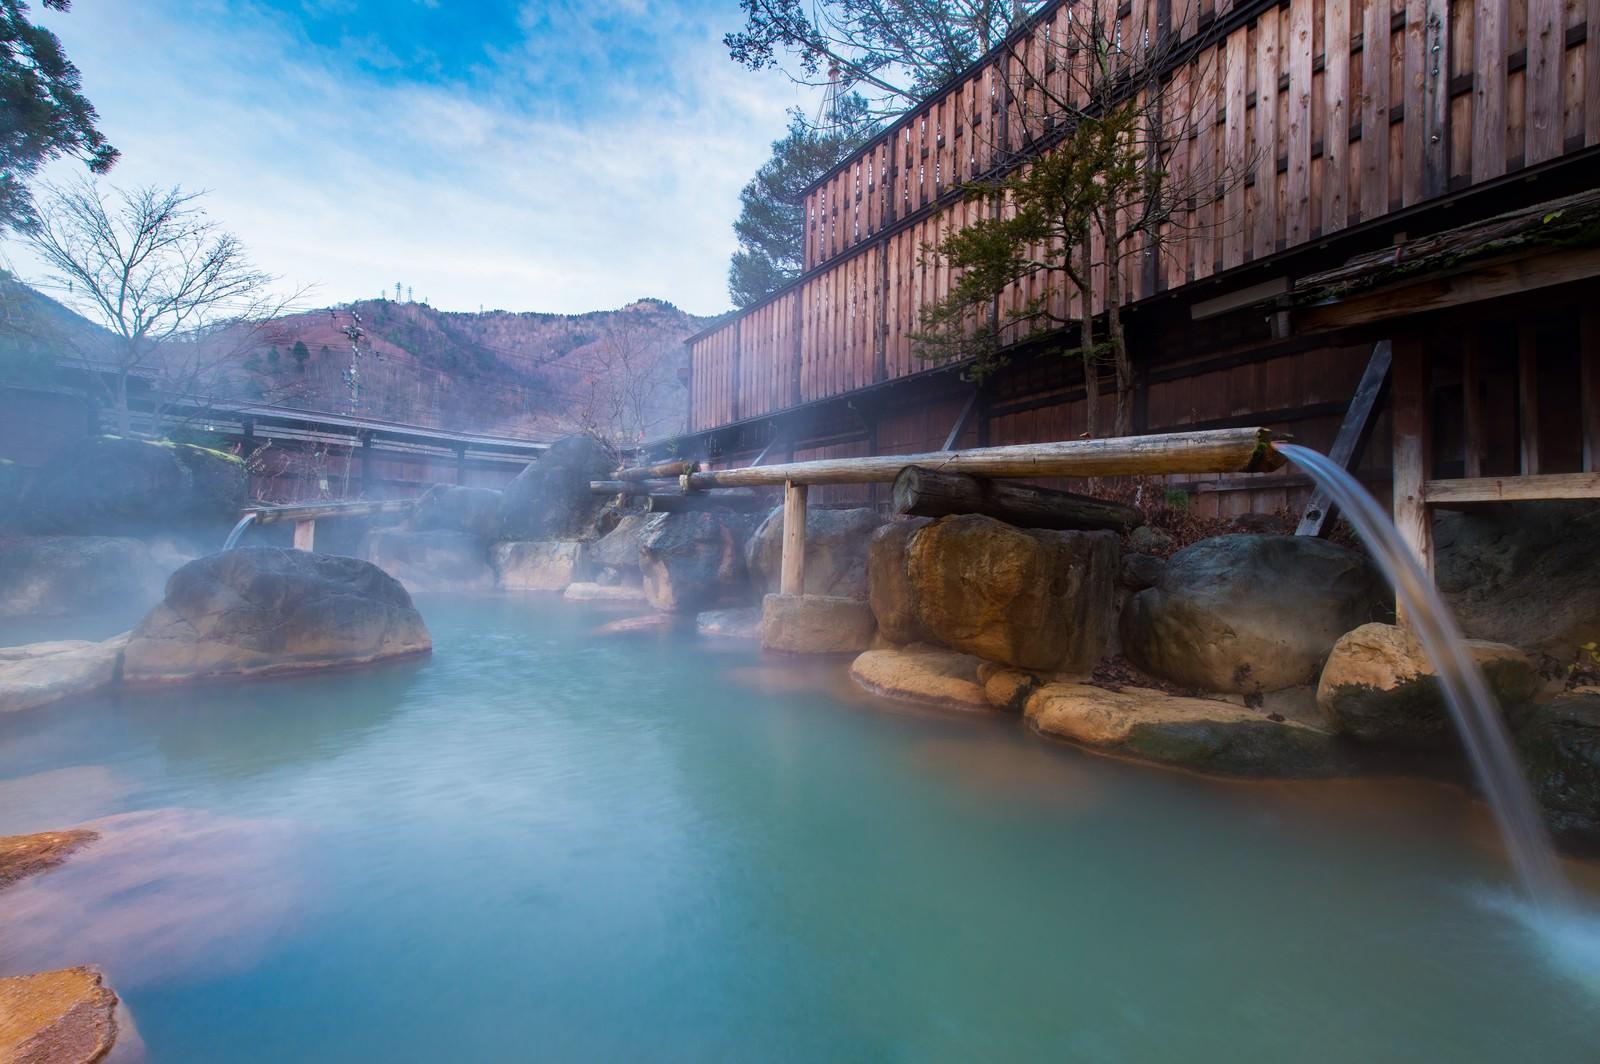 「静かな晩秋の朝の平湯館の大露天風呂静かな晩秋の朝の平湯館の大露天風呂」のフリー写真素材を拡大